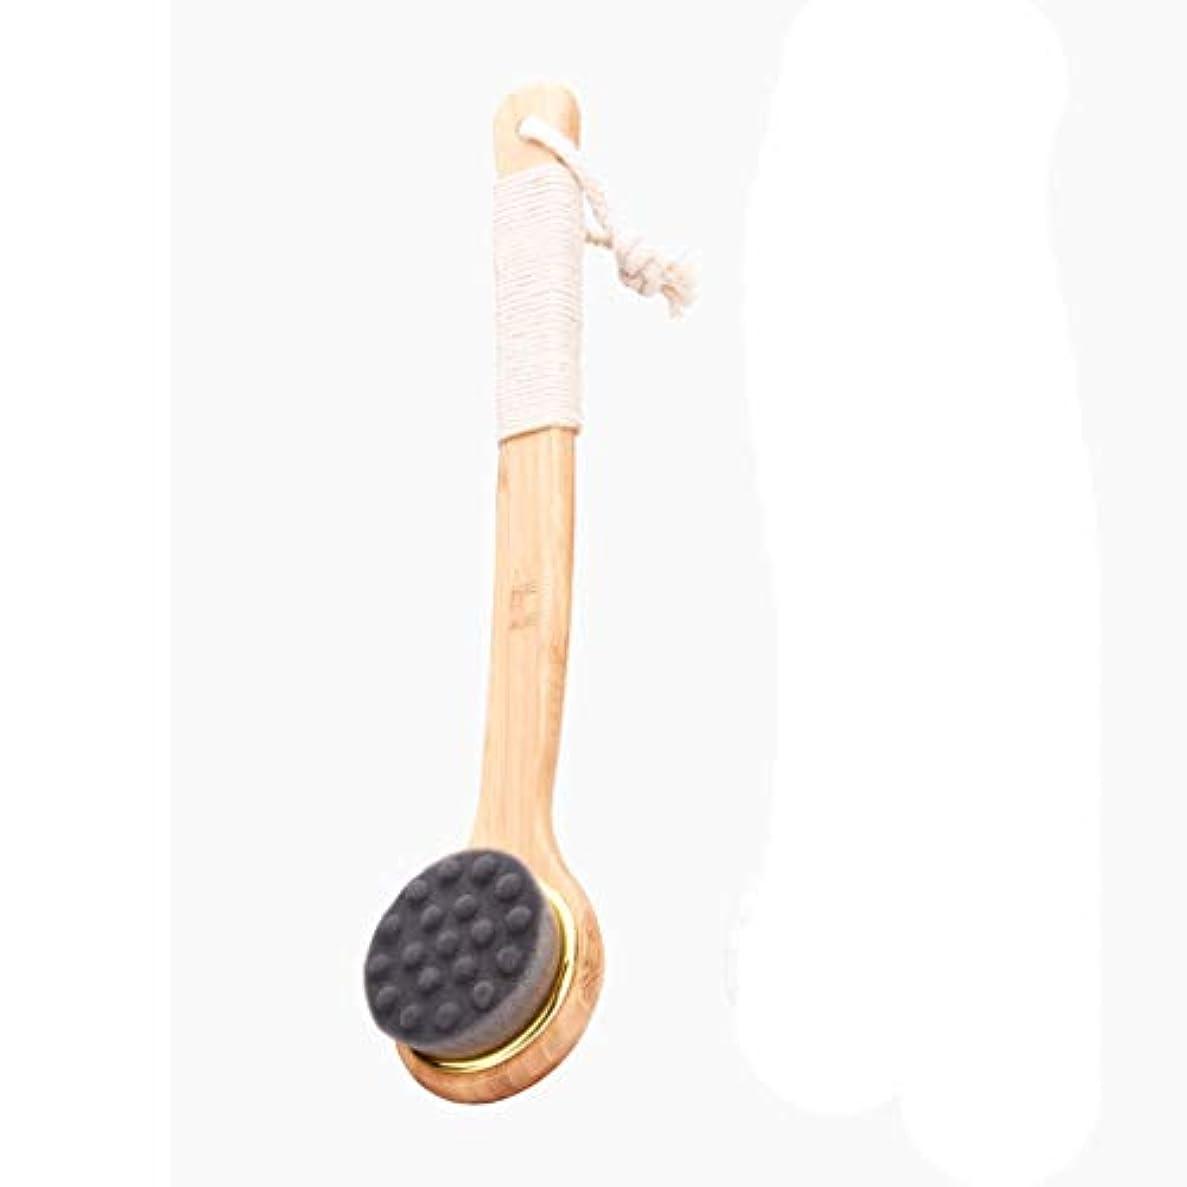 伝える師匠イブニングシャワーをもっと楽しくするすべてのタイプのスキンのための上げられたポイントを持つ長い柄のバスブラシ (色 : A)